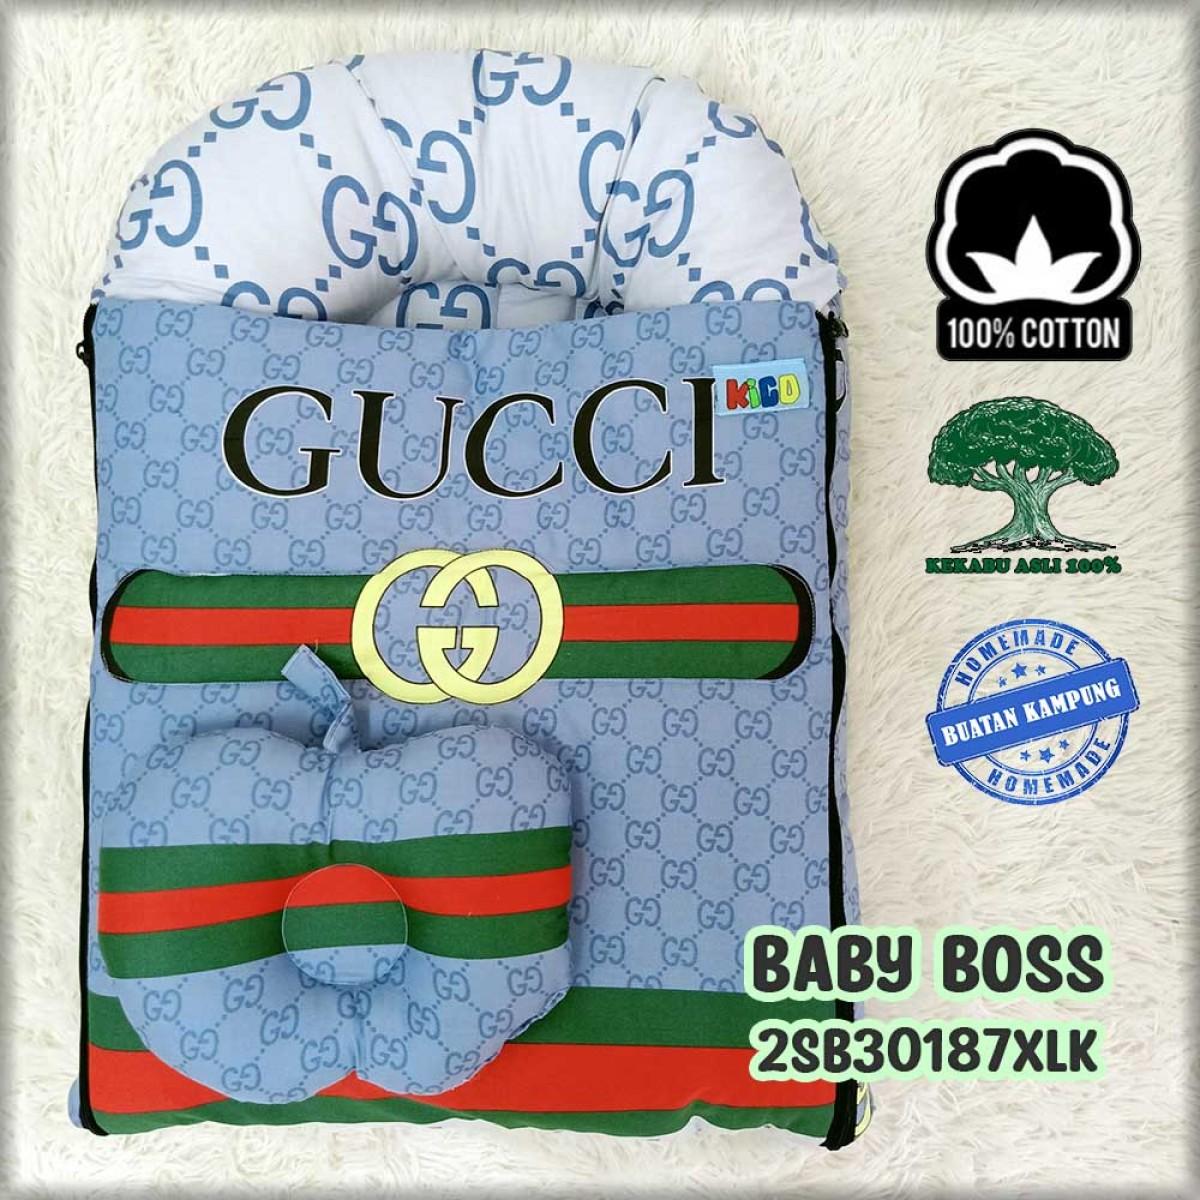 Baby Boss - Kico Baby Center